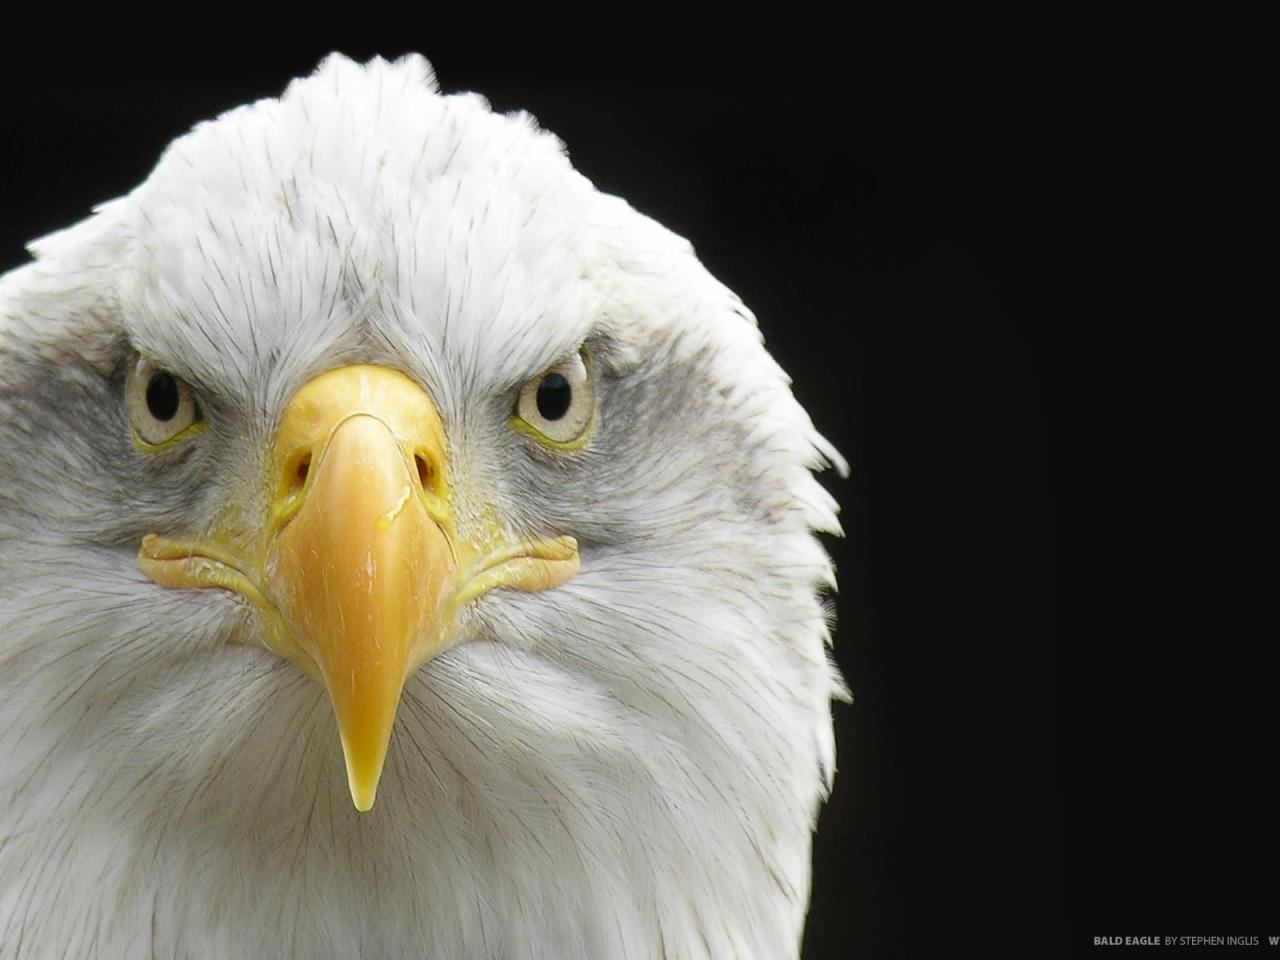 Aguila de cabeza blanca - 1280x960